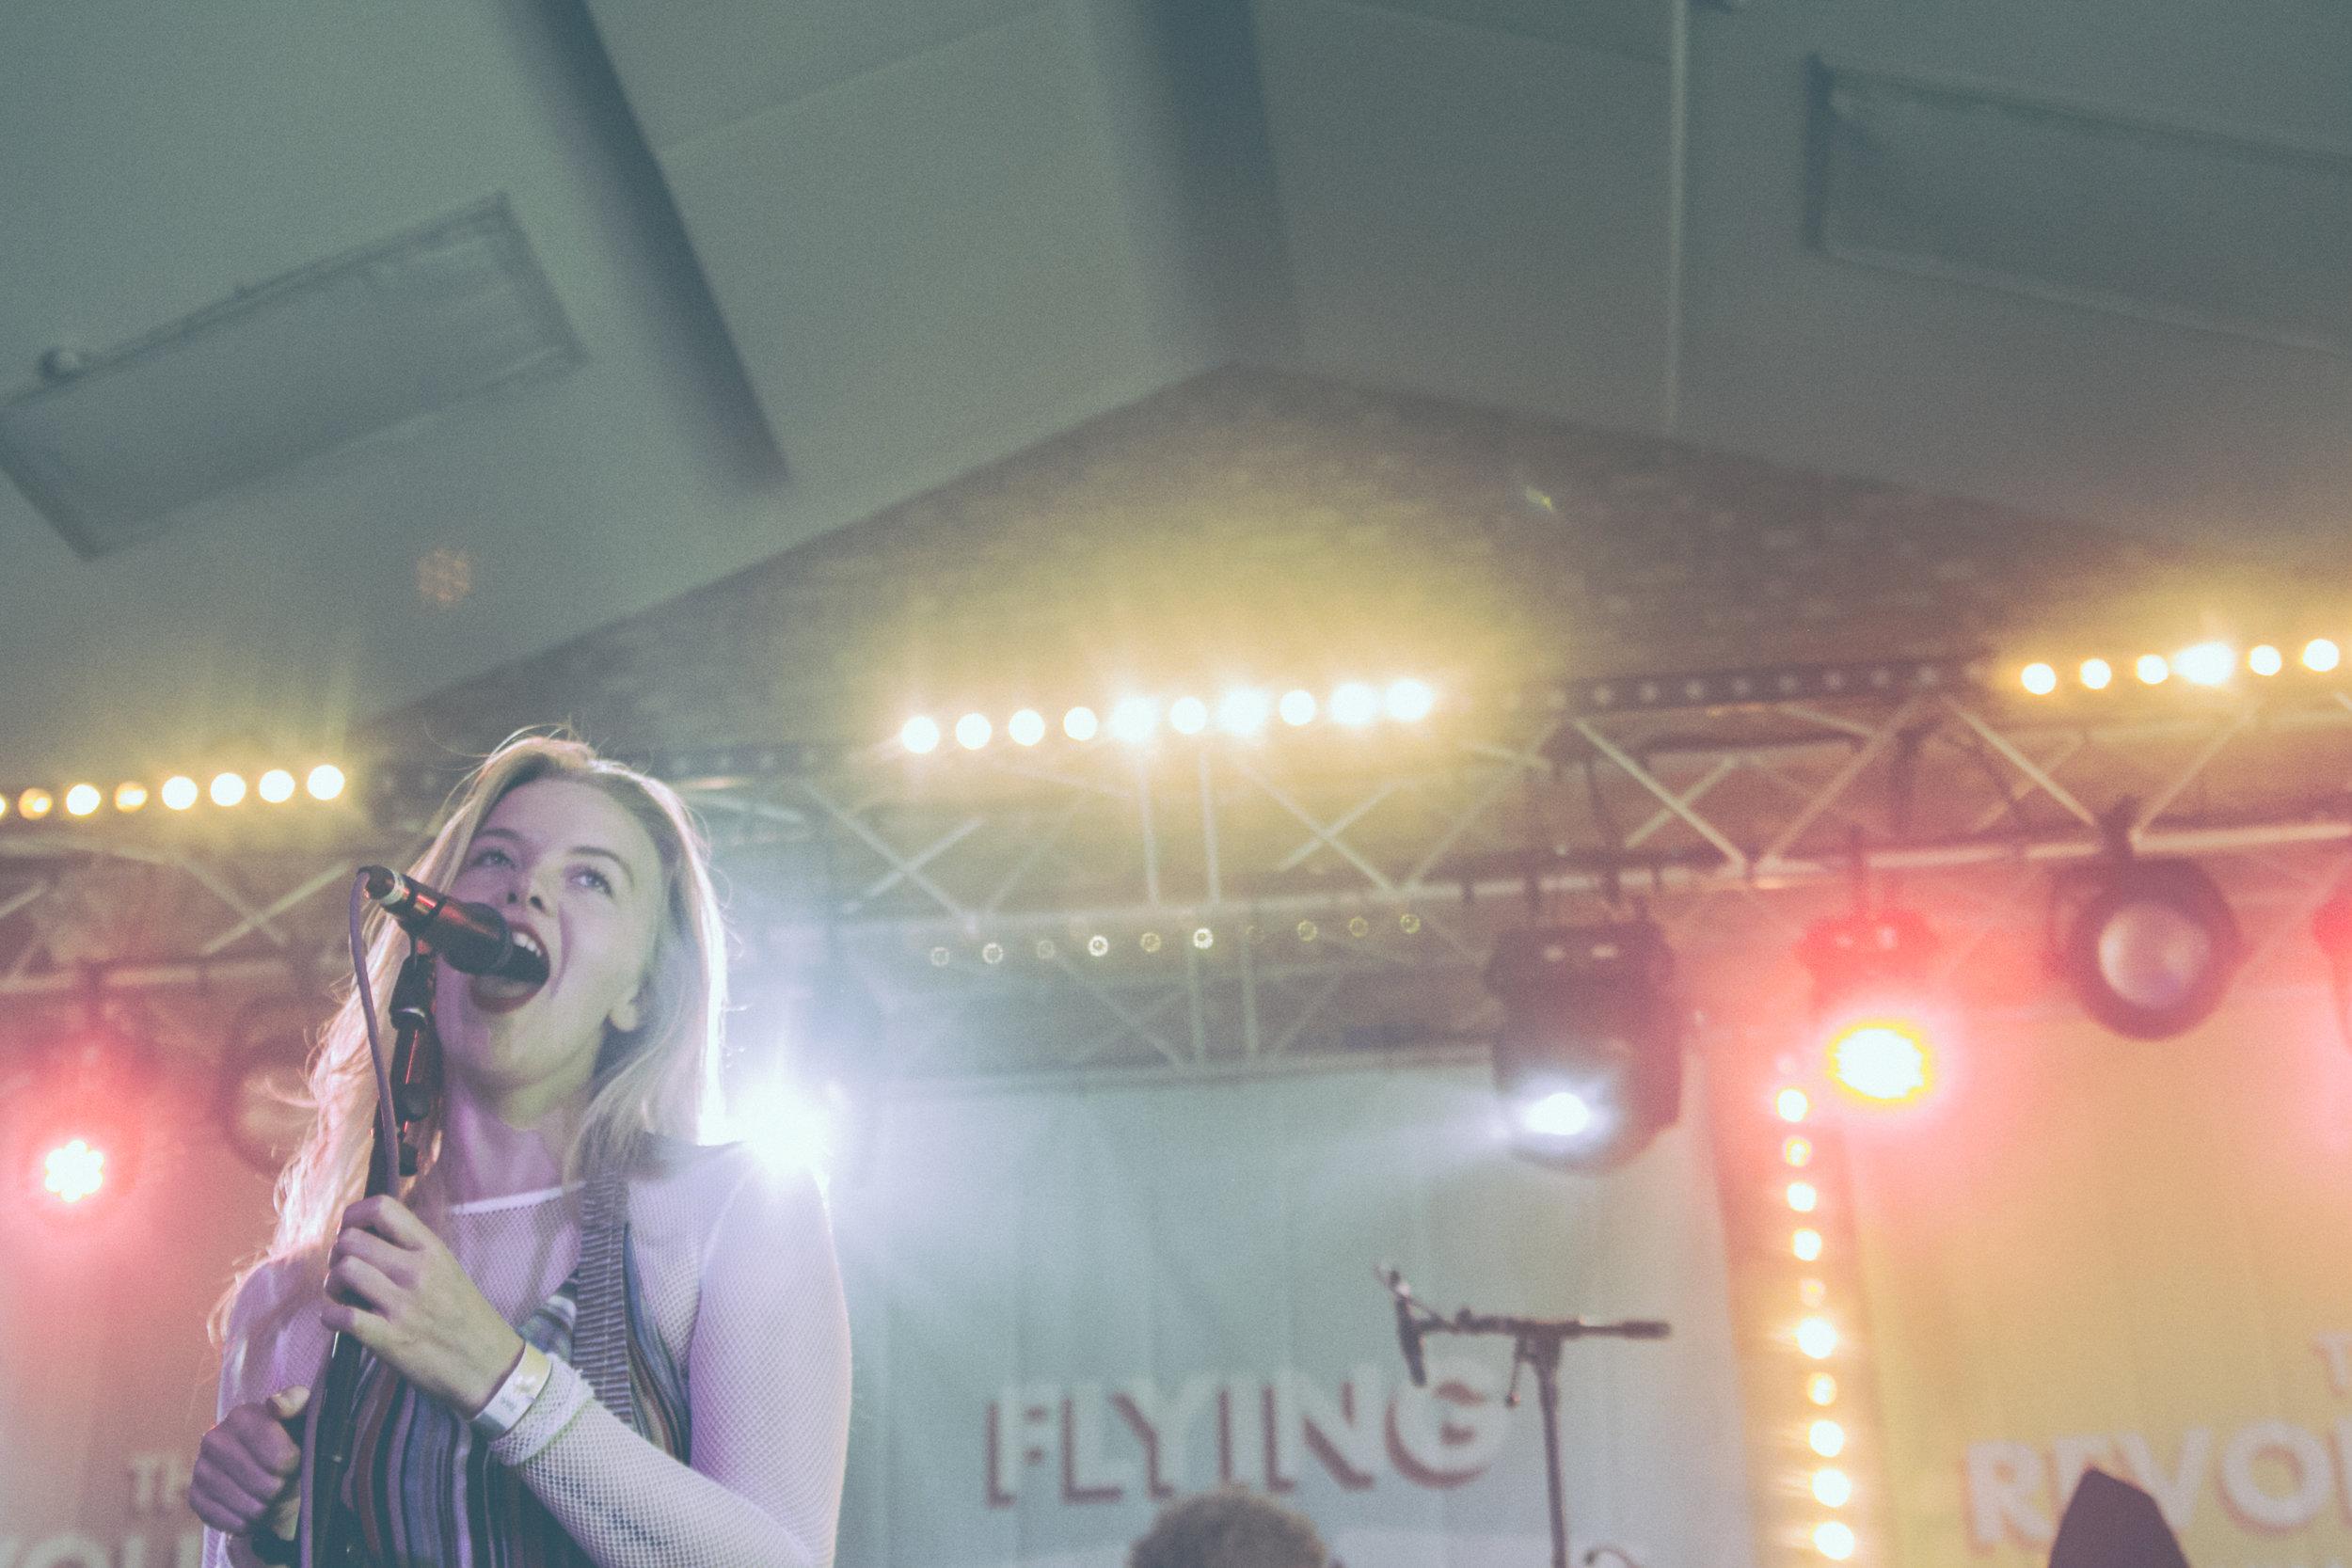 Dream Wife - Flying Vinyl Festival - Oval Space - 08.04.2017-4.jpg